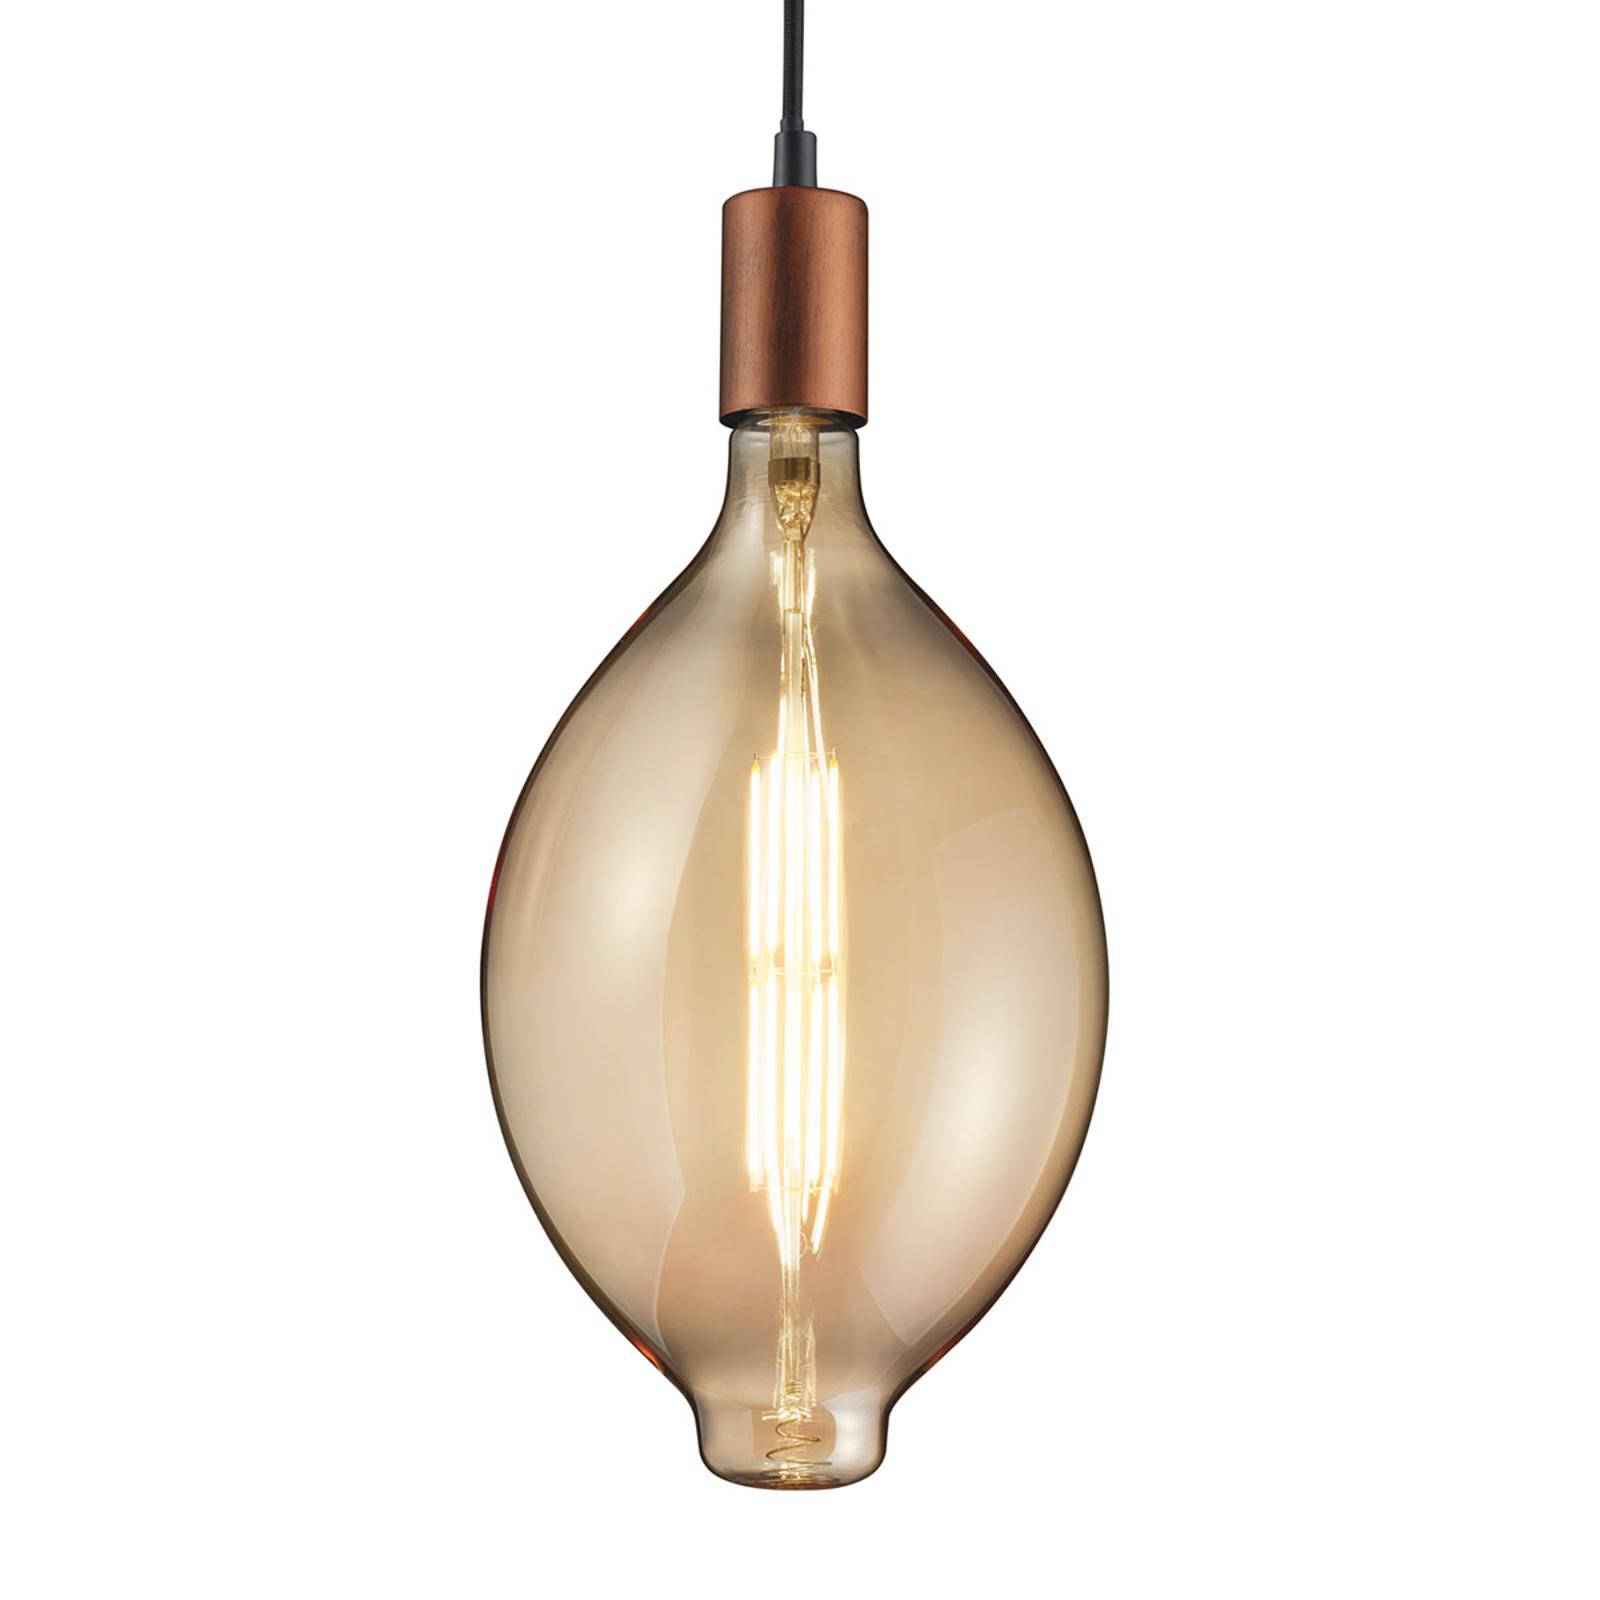 LED-Lampe E27 8W 2.700K lange Form amber